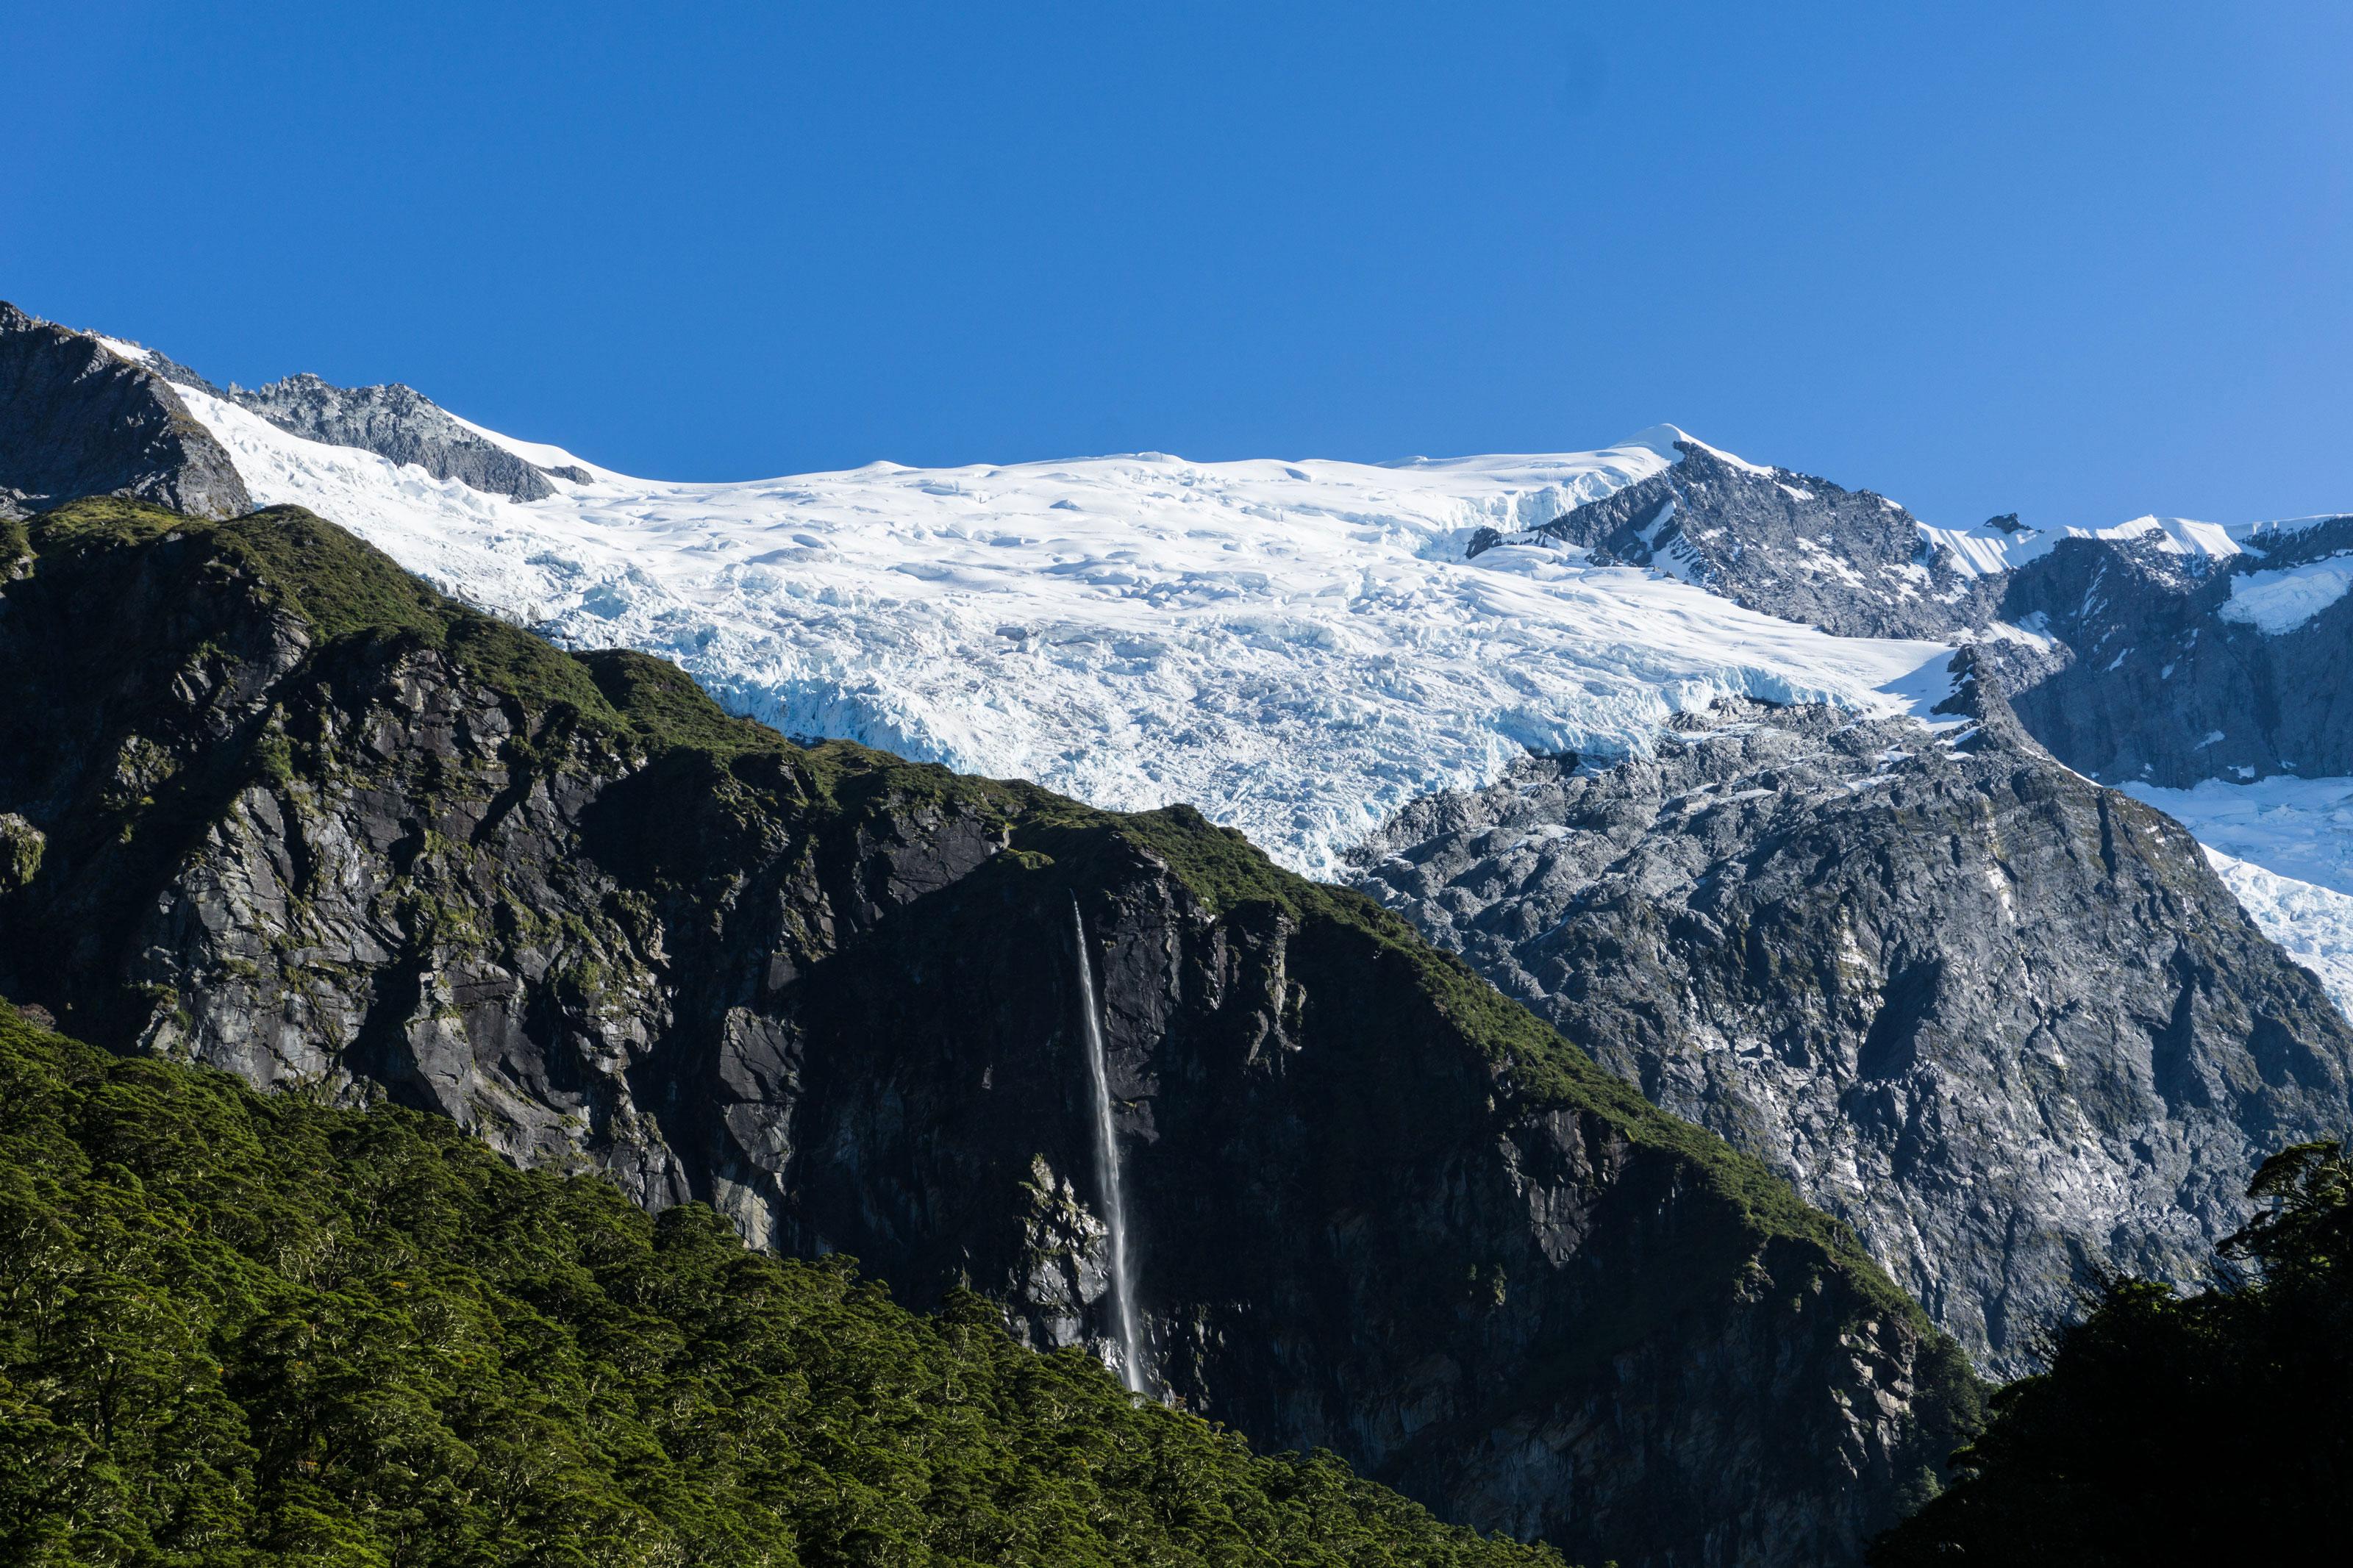 Pralesem Jižních Alp pod ledovec Rob Roy a Mount Aspiring